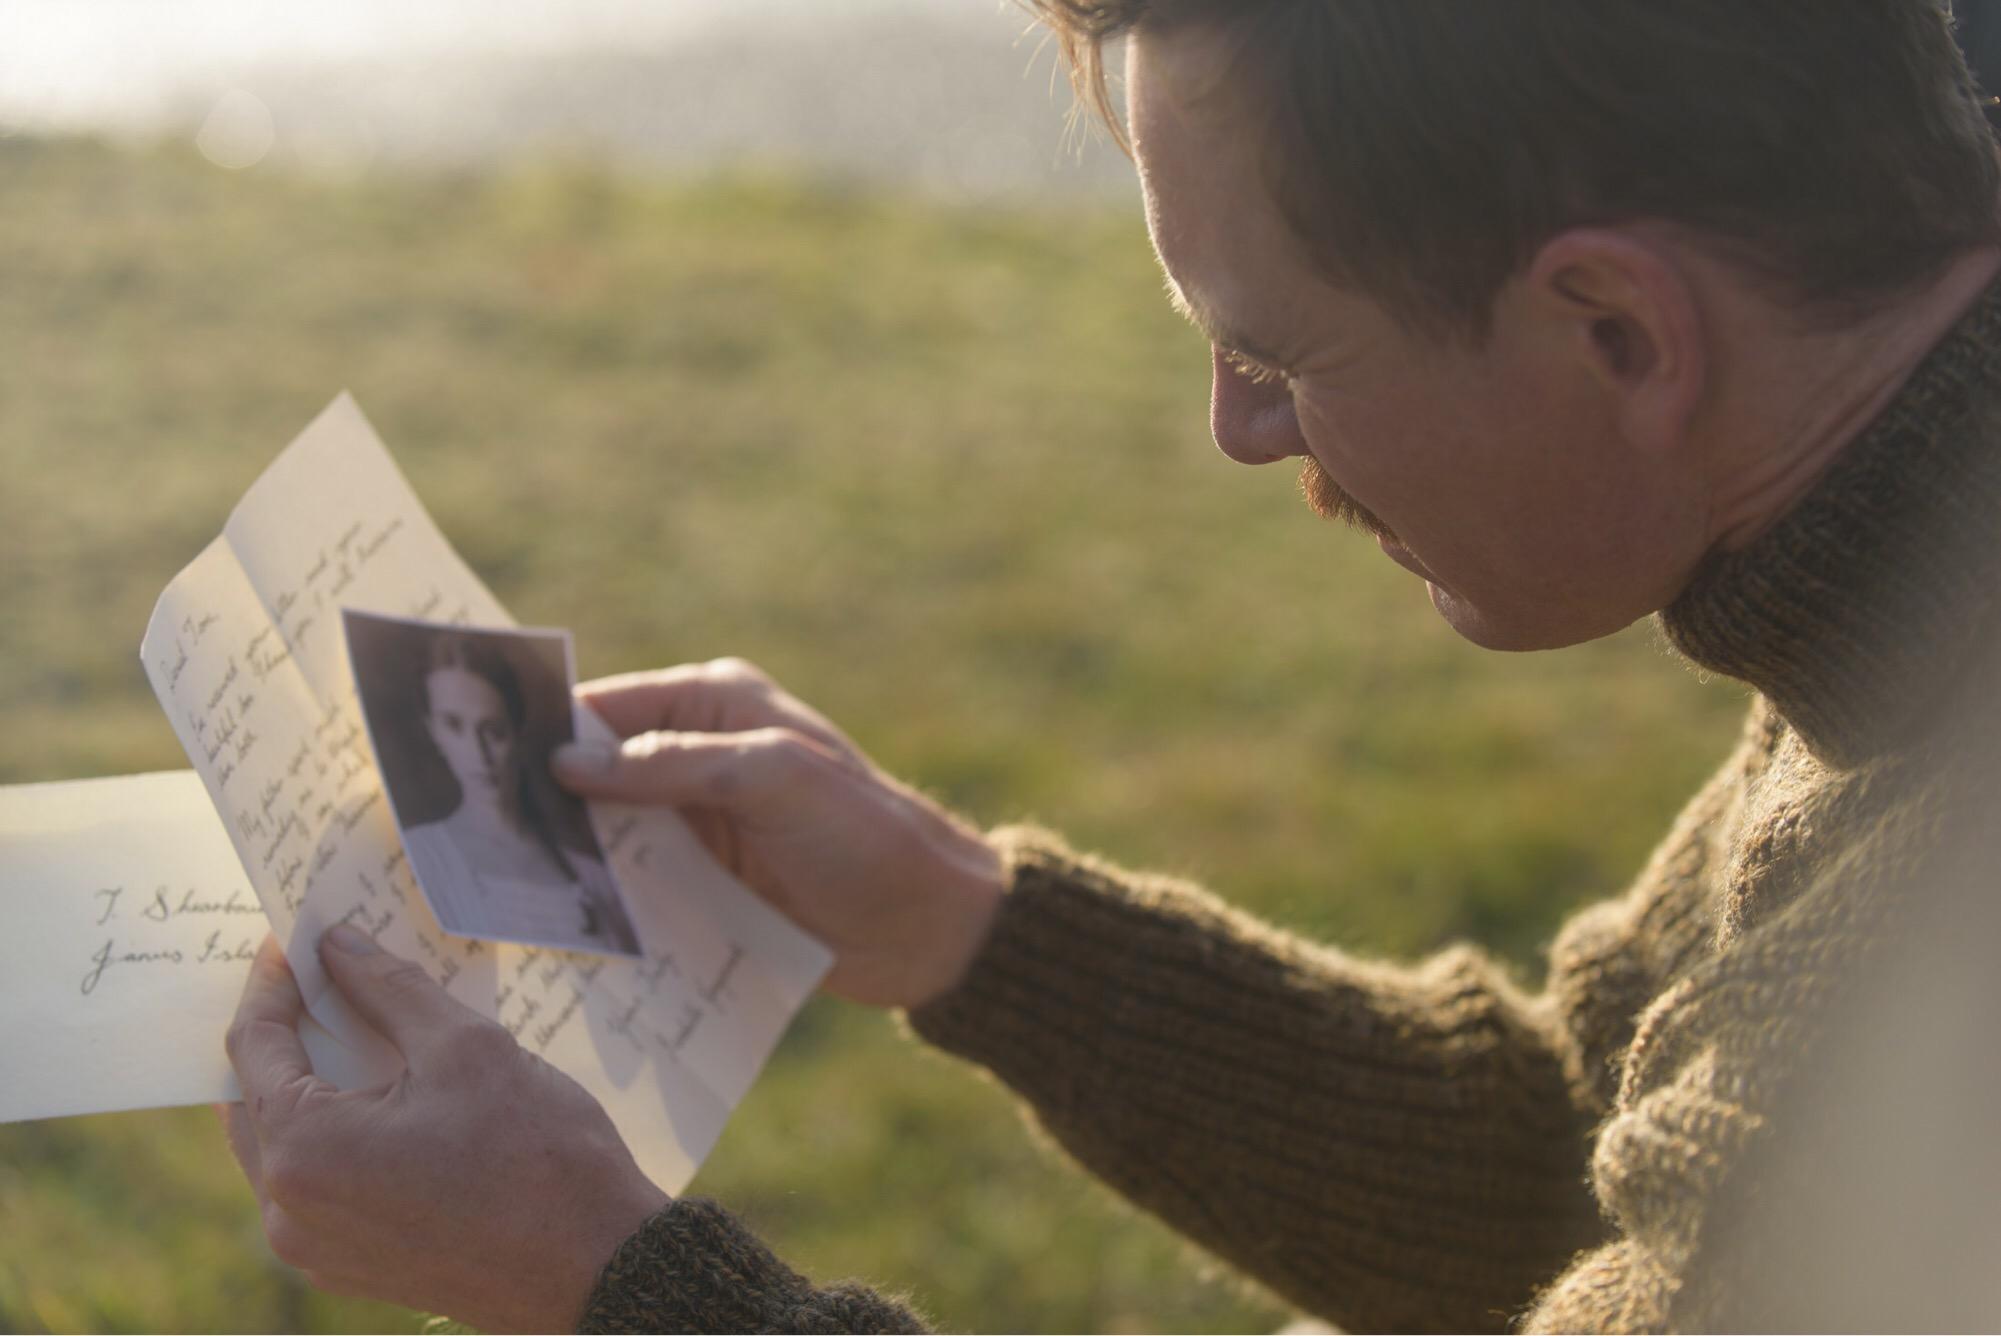 """5 ภาพใหม่ หัวใจสลายไปกับหนังรักปาดน้ำตา""""The Light Between Oceans อย่าปล่อยให้รักสลาย""""งานพิสูจน์ฝีมือผู้กำกับ Blue Valentine (บลู วาเลนไทน์)"""